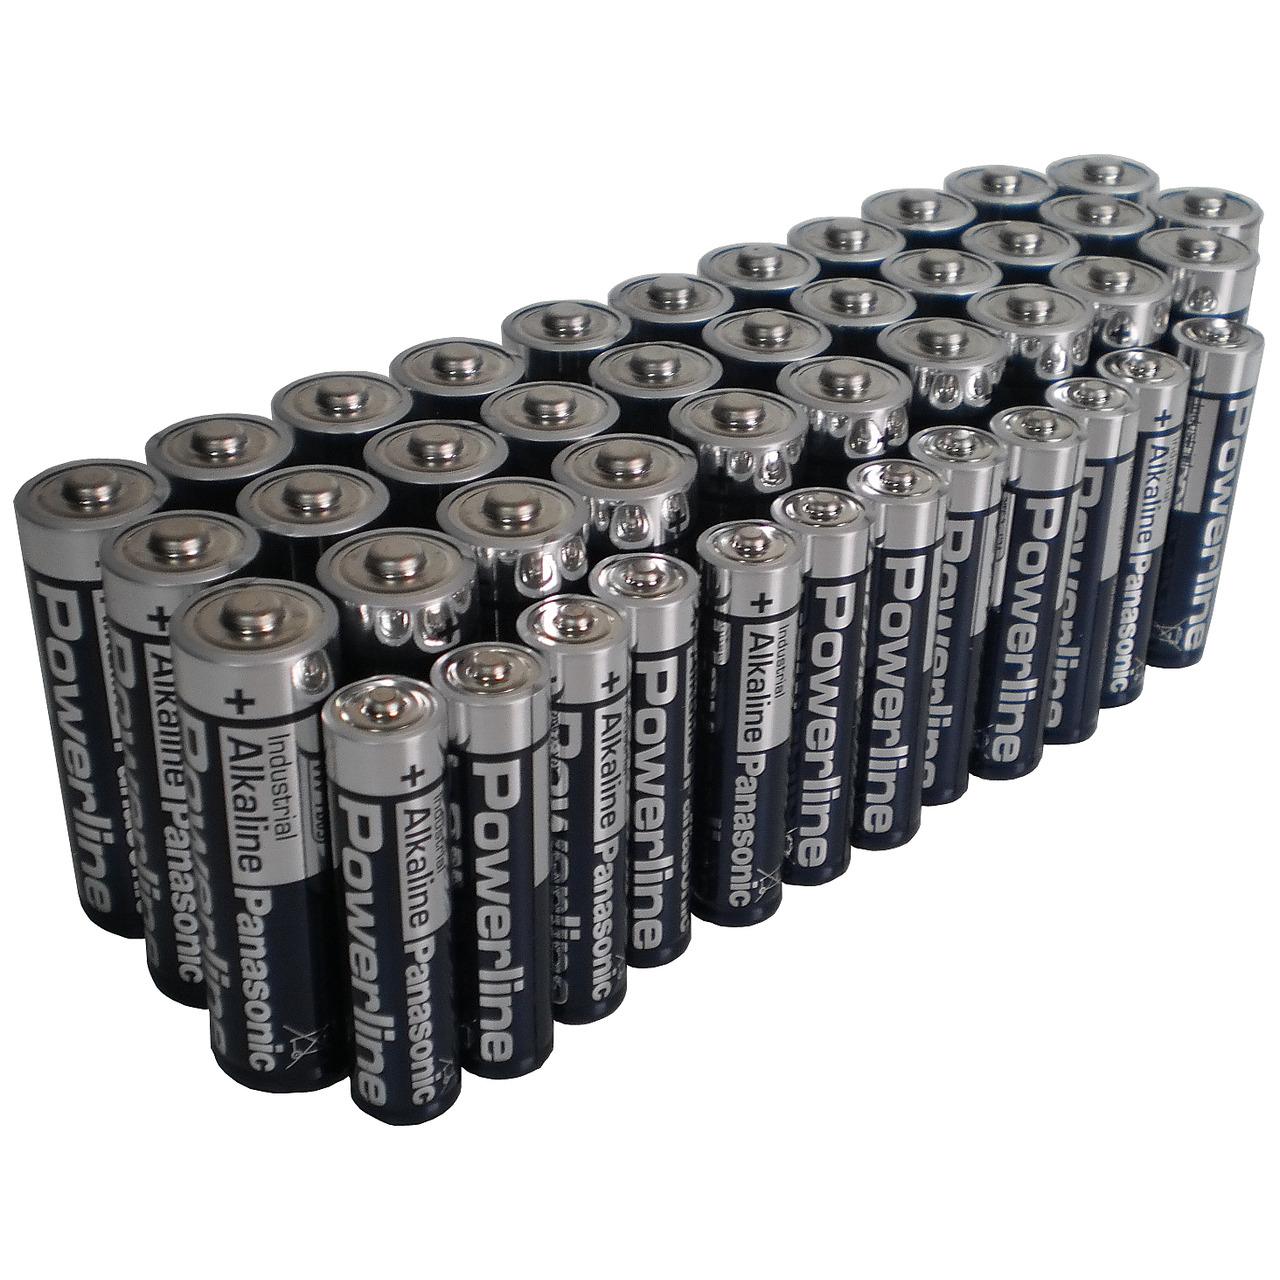 Panasonic Powerline Alkaline Batterien Spar-Pack mit 32 Mignon und 12 Micro-Batterien